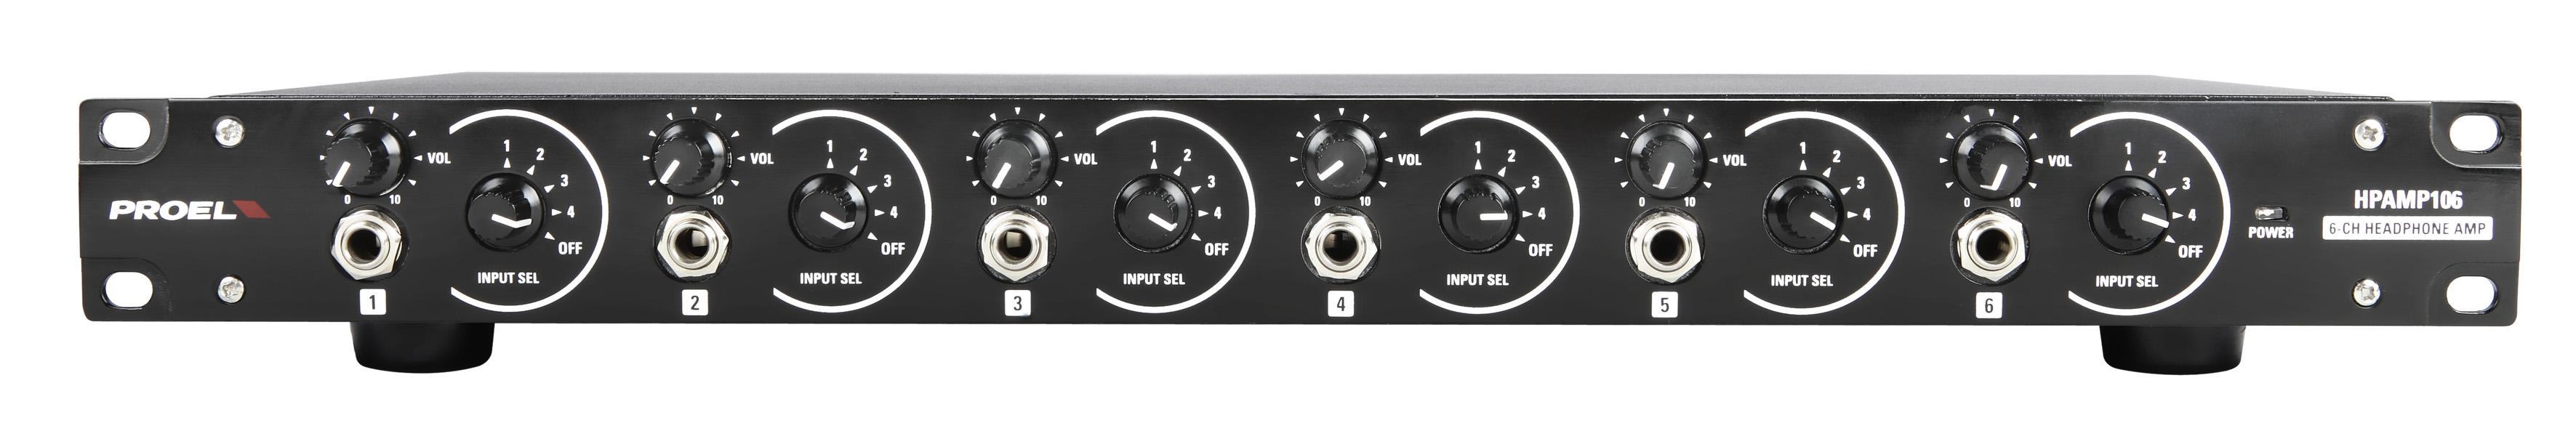 PROEL HPAMP106 - Amplificatore per cuffie a 6 canali